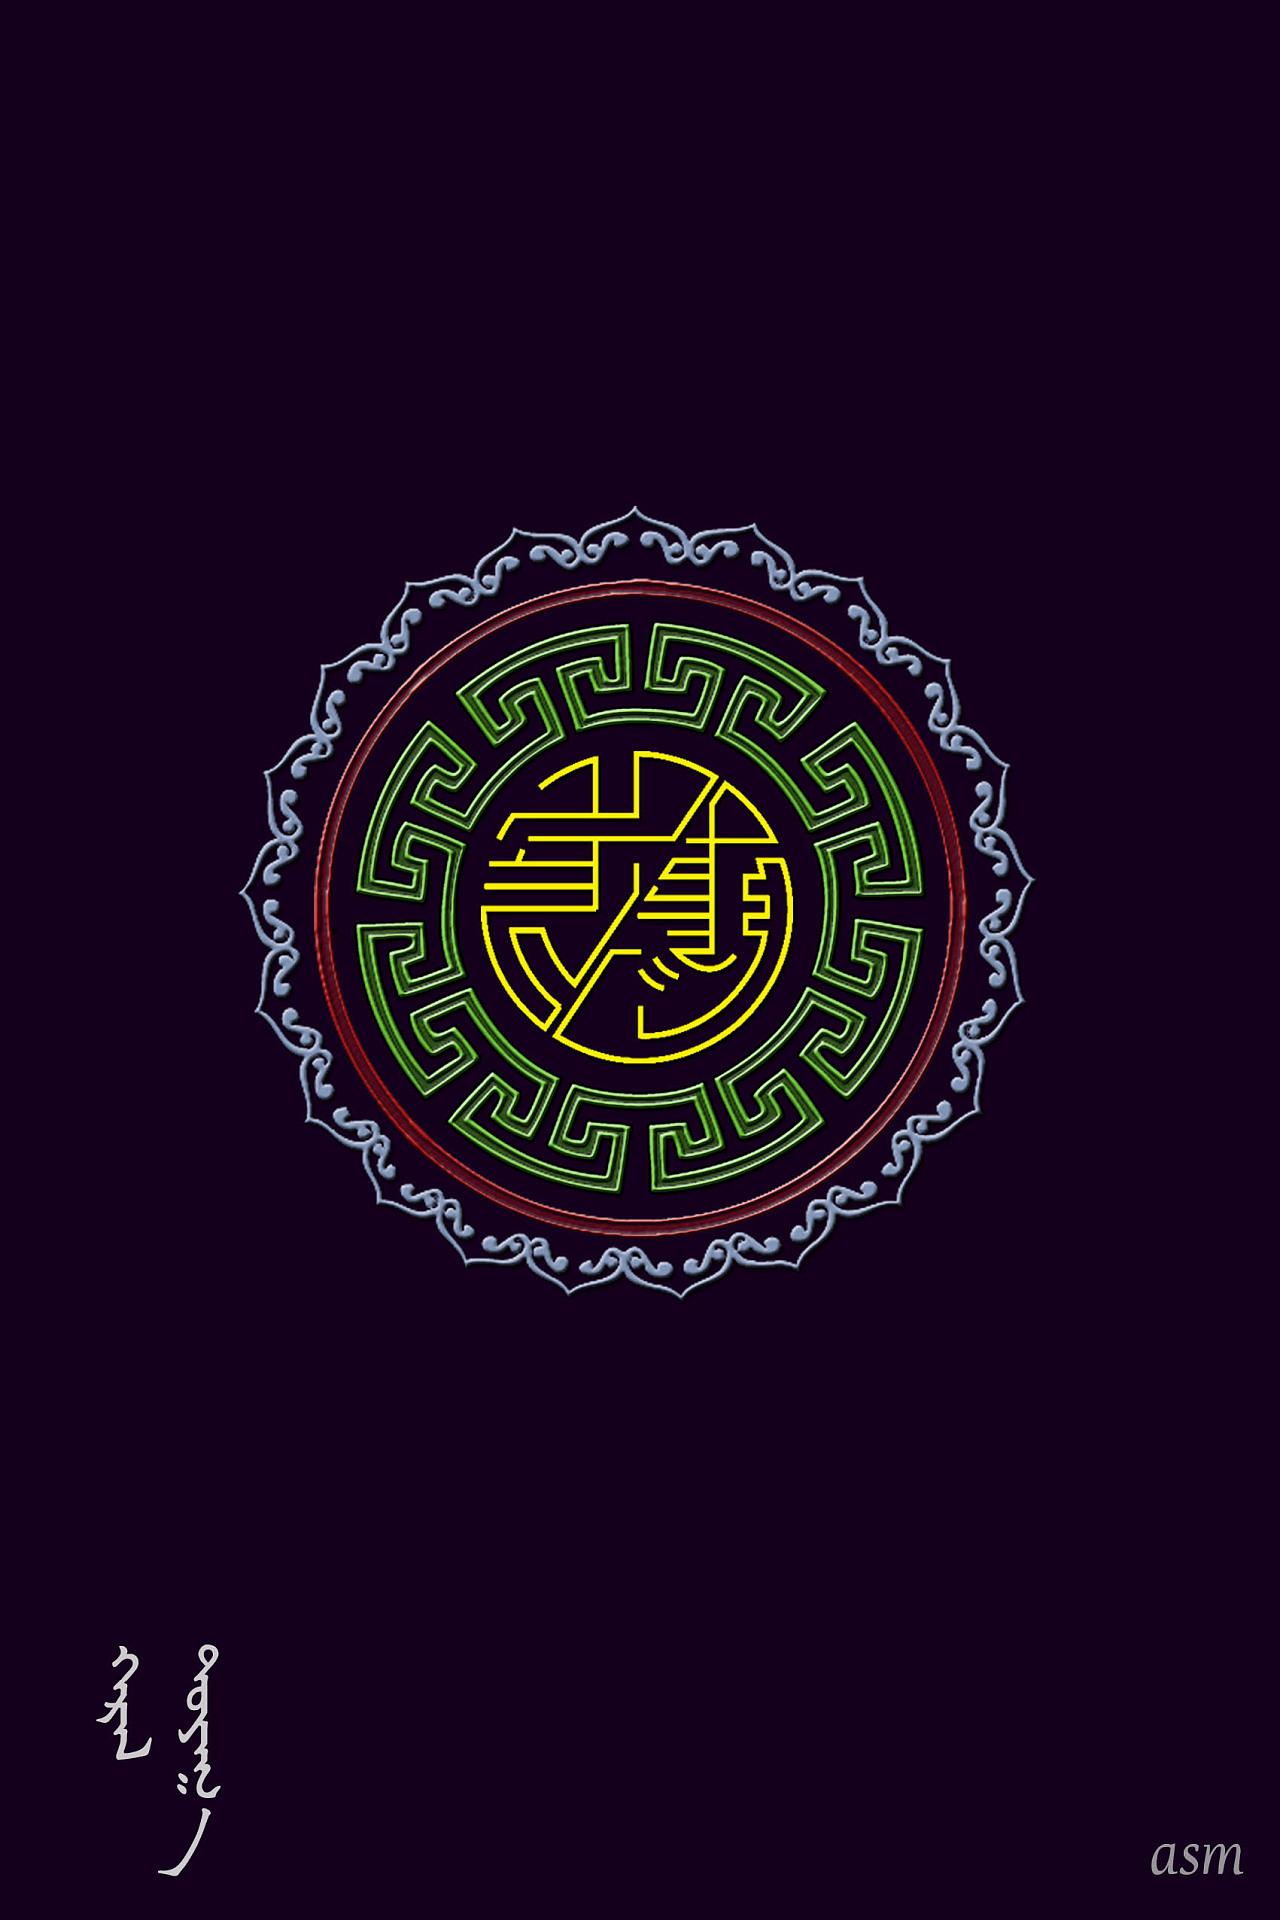 蒙古艺术文字4 -阿斯玛设计 第8张